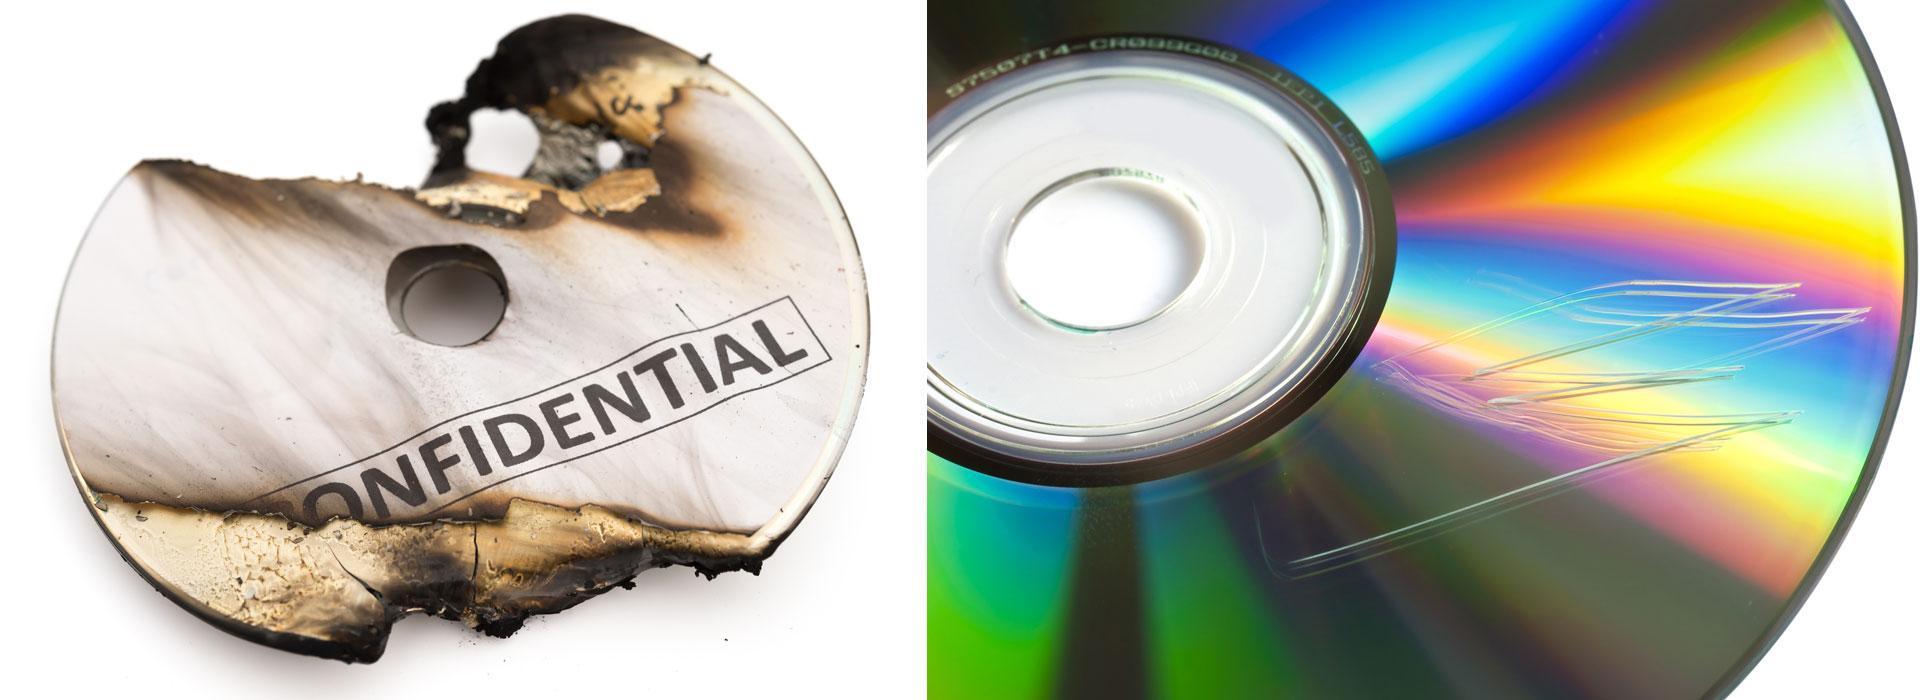 Datenrettung_CD_DVD